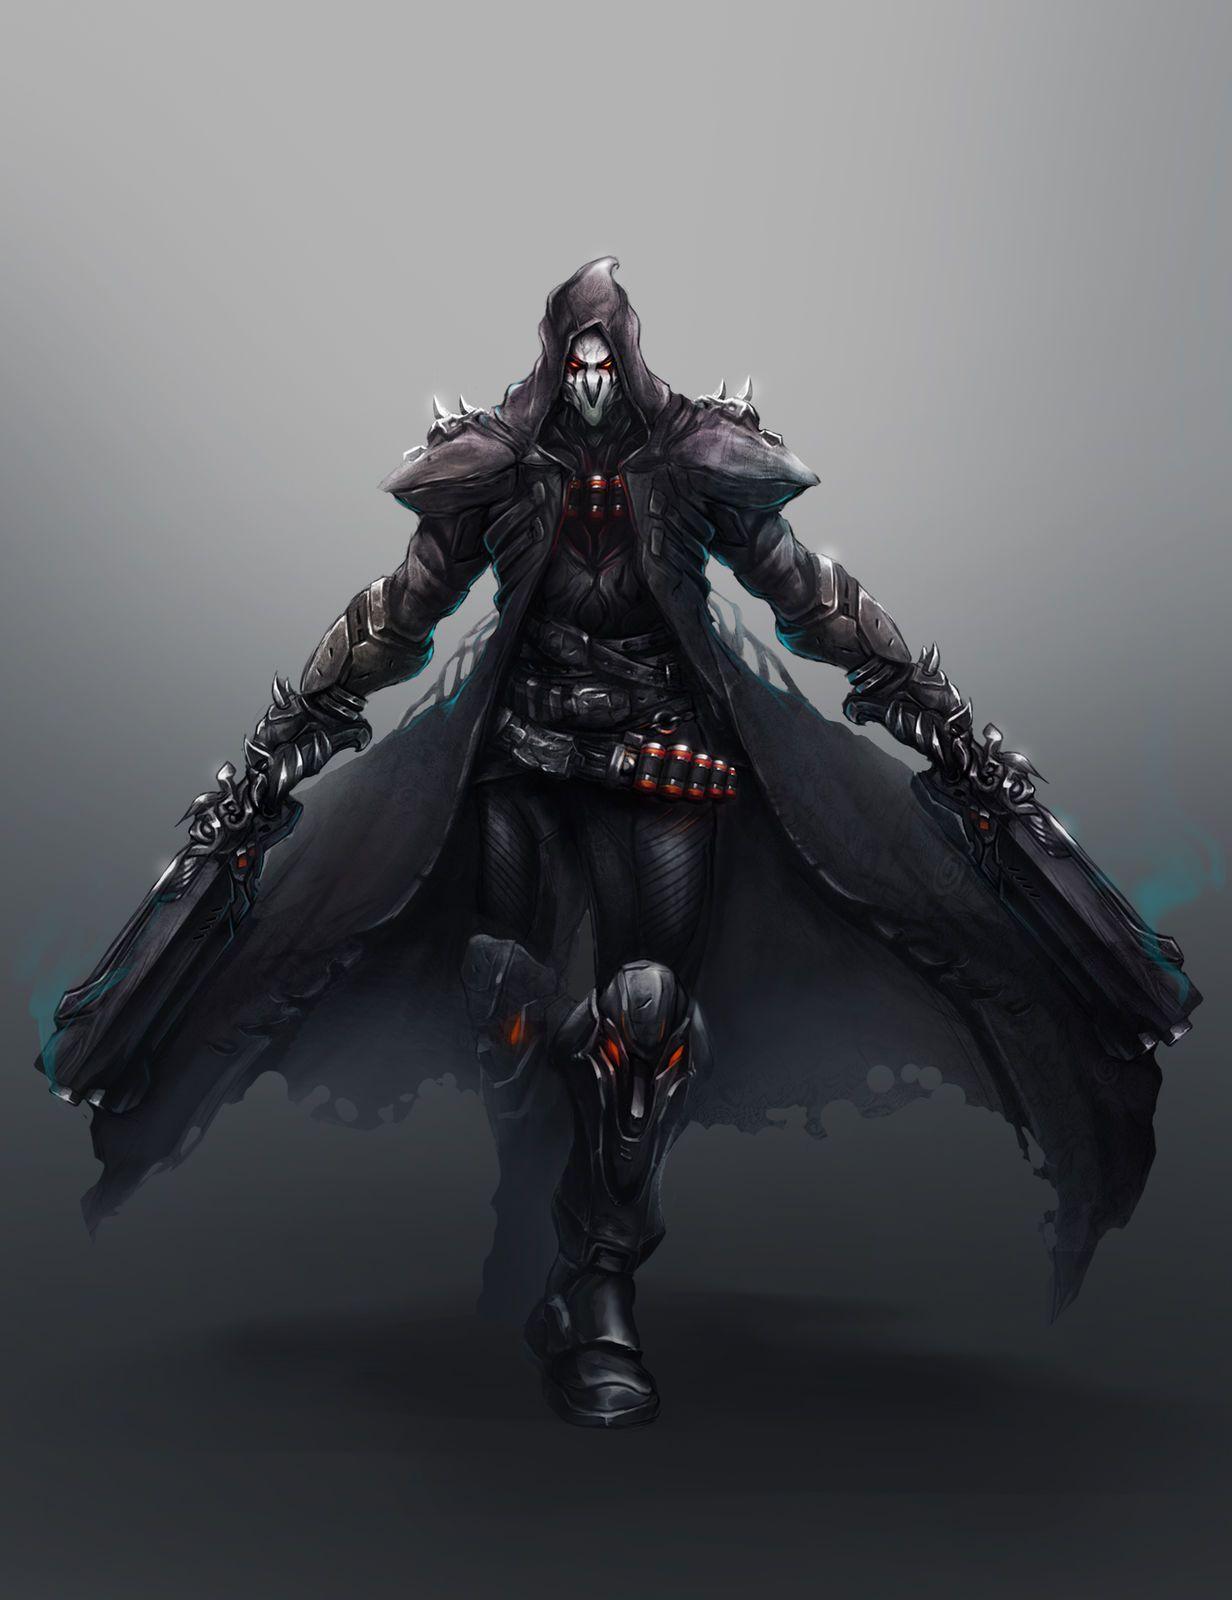 Reaper Overwatch Wallpapers Wallpaper Cave